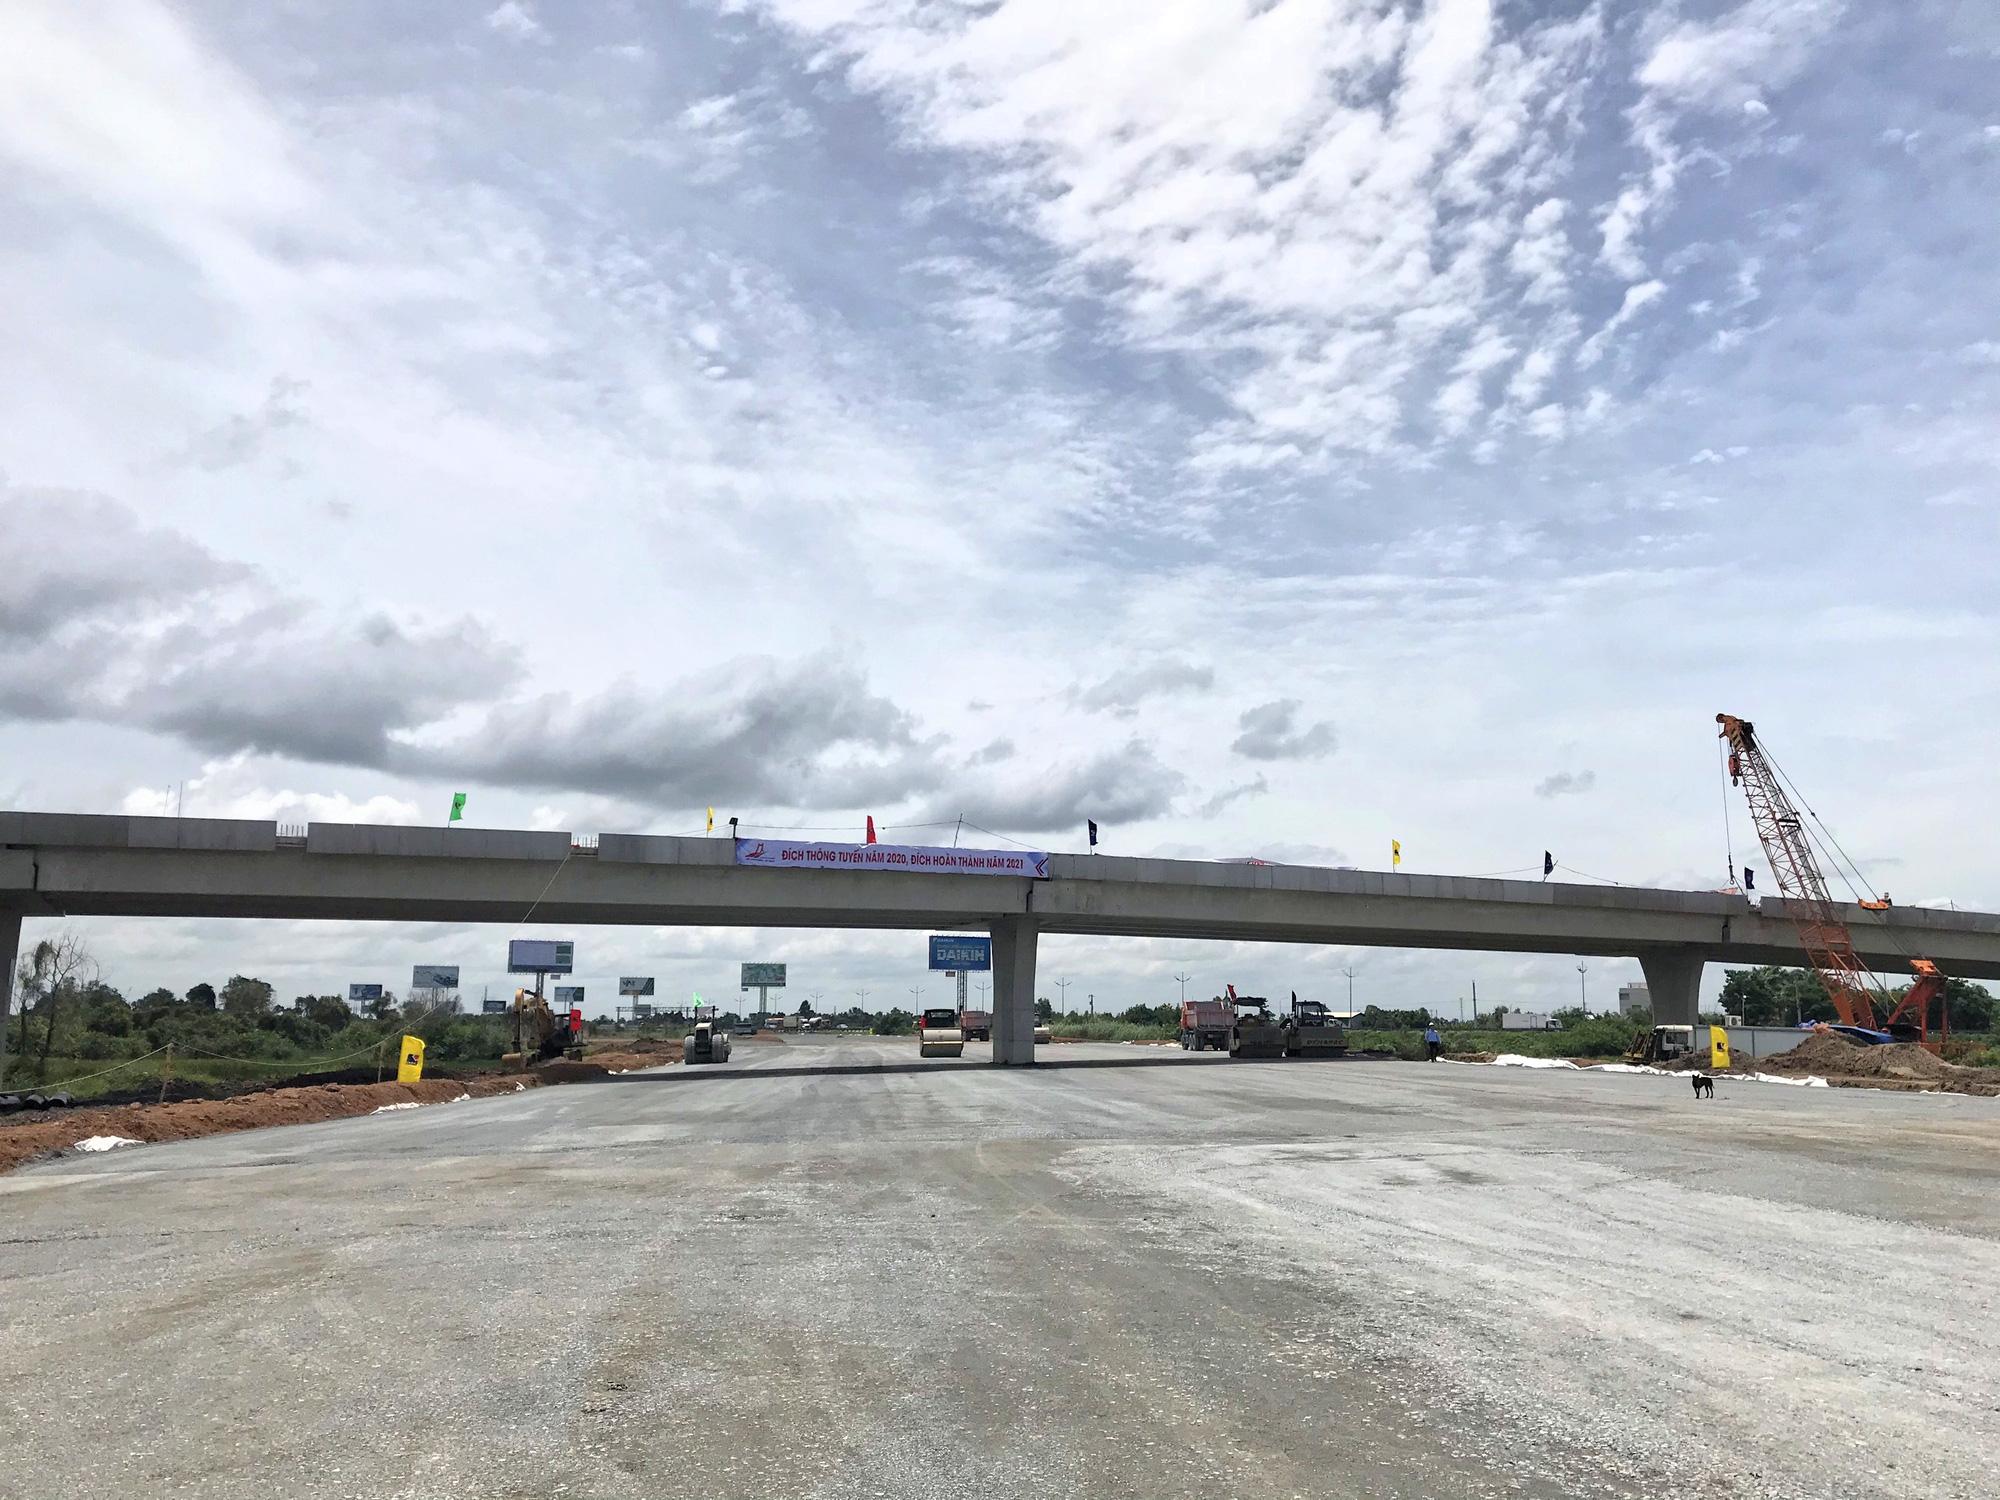 Vì sao tiến độ thi công cao tốc Mỹ Thuận - Cần Thơ bị chậm? - Ảnh 1.